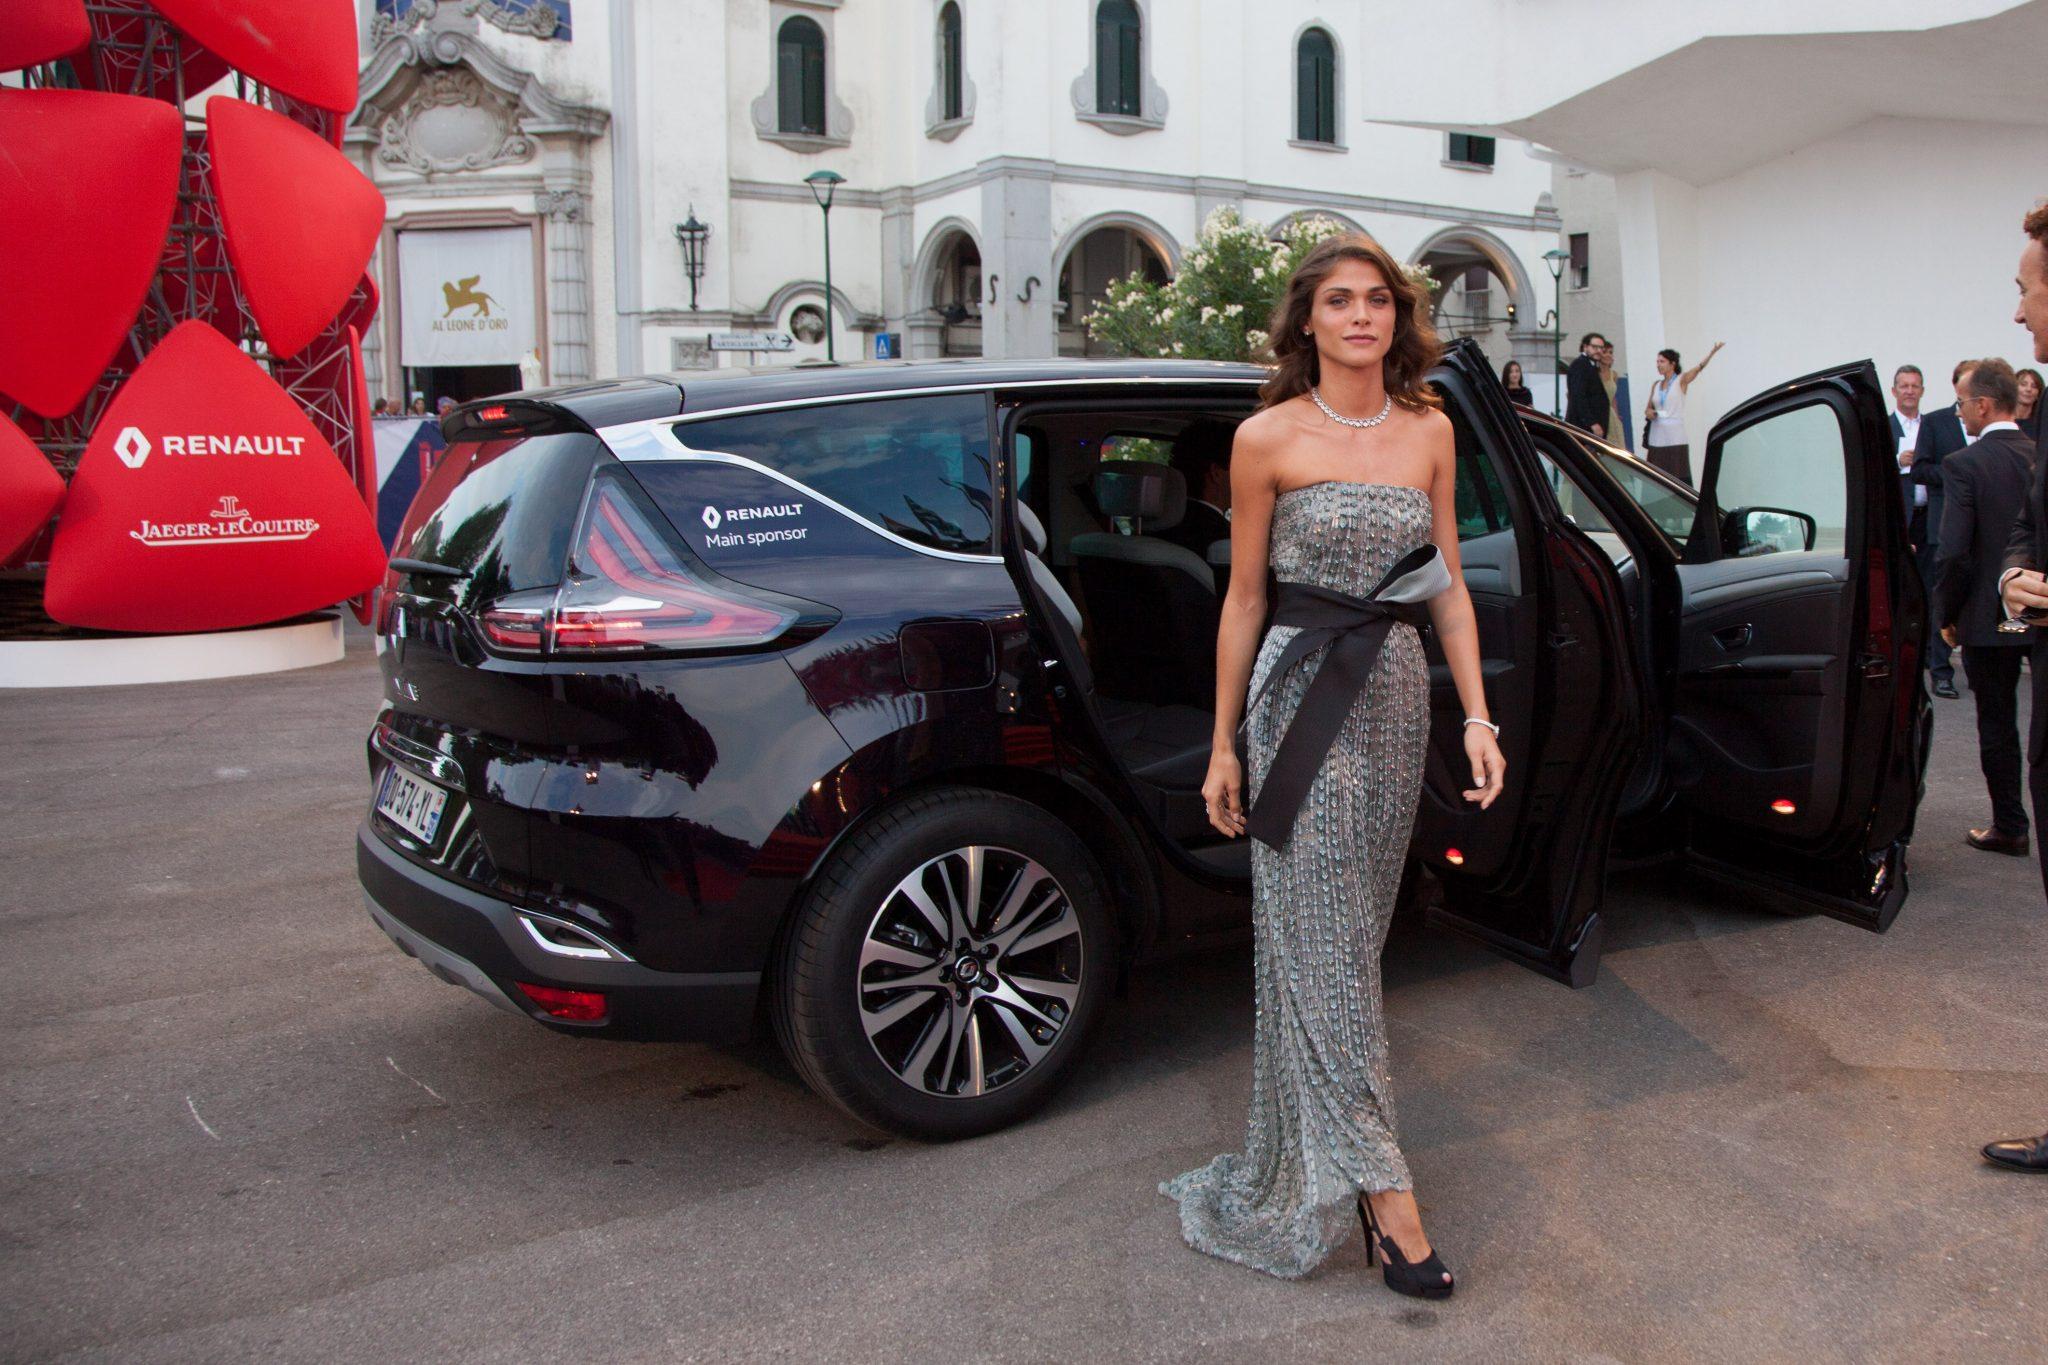 Renault partner della mostra del cinema di Venezia 2016 presenta Talisman